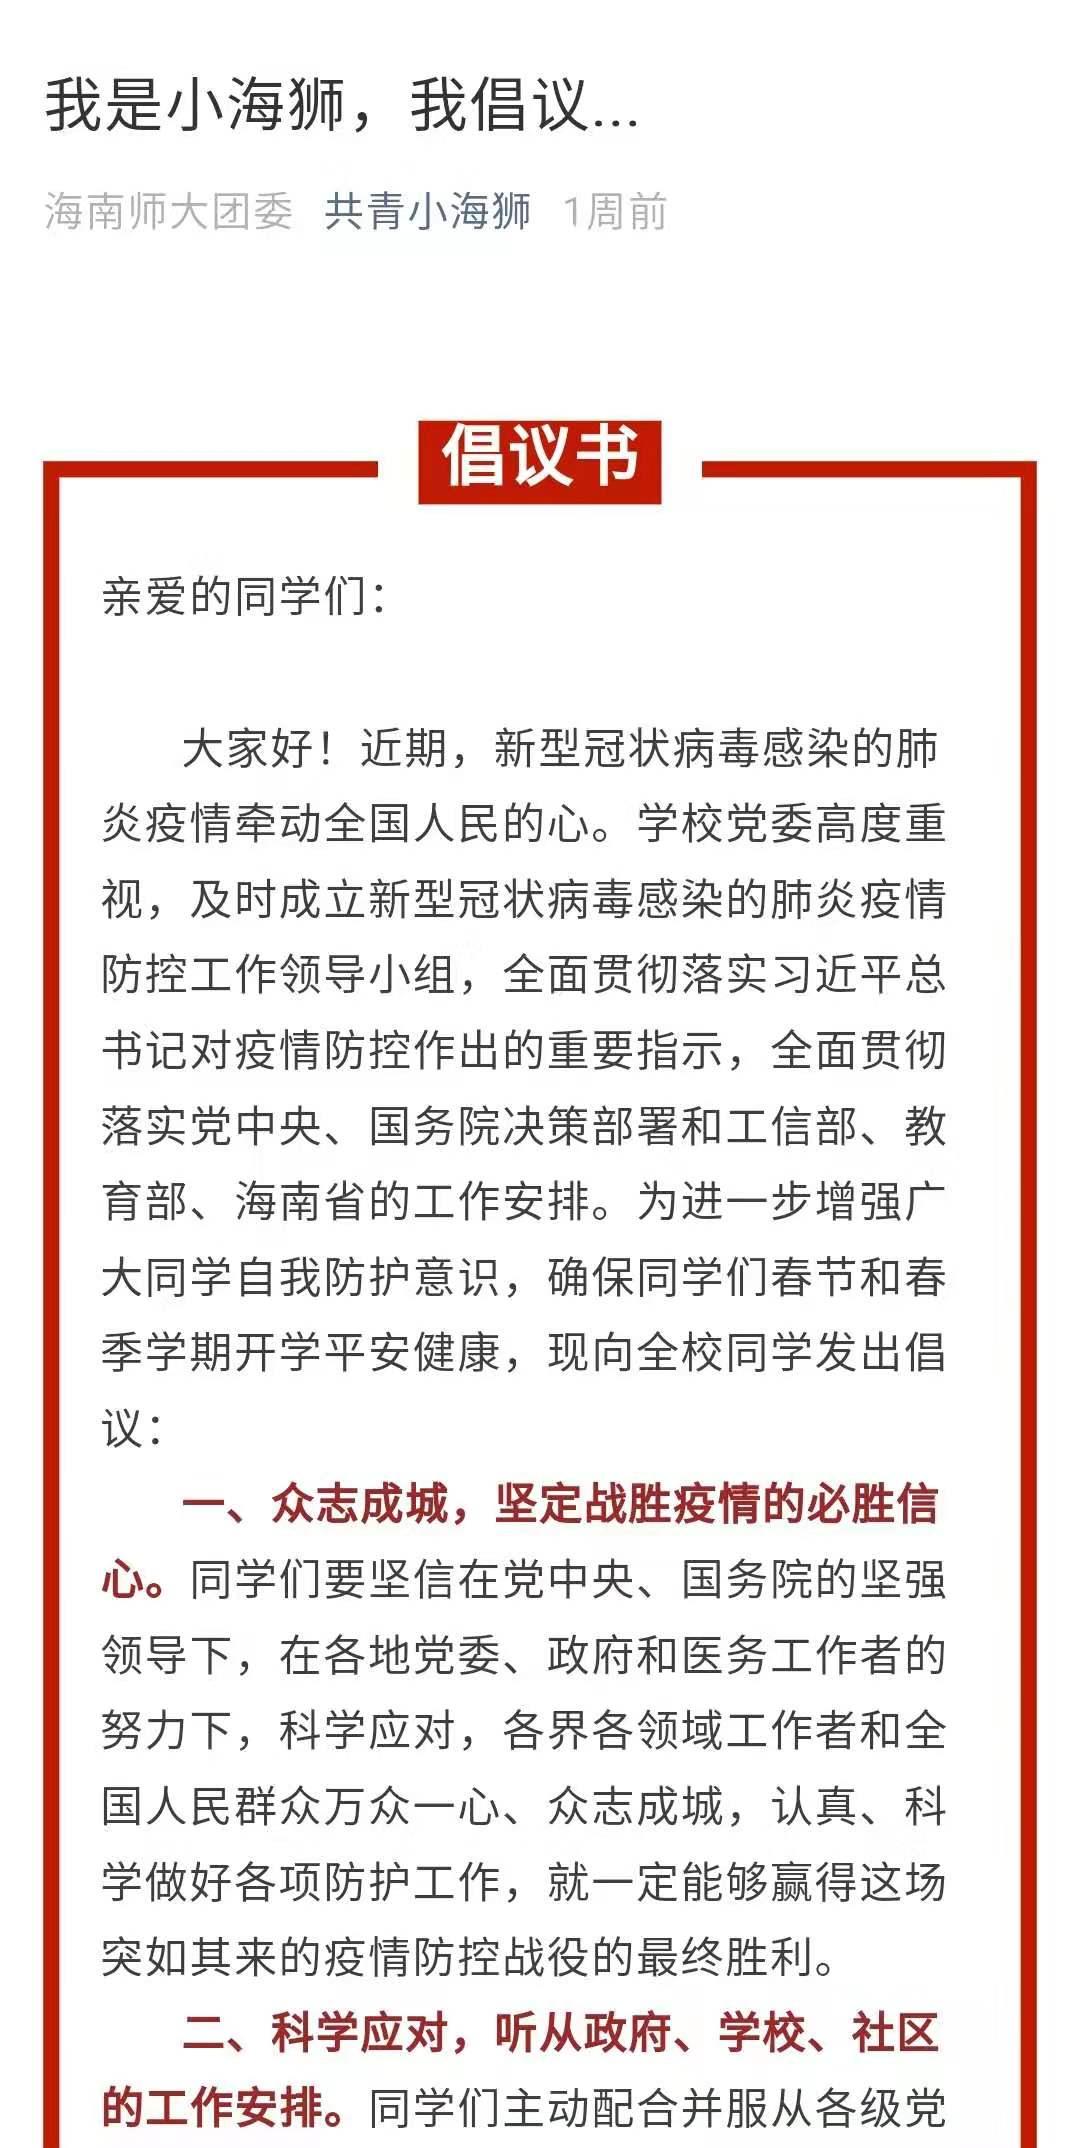 校团委积极开展新冠肺炎防控工作